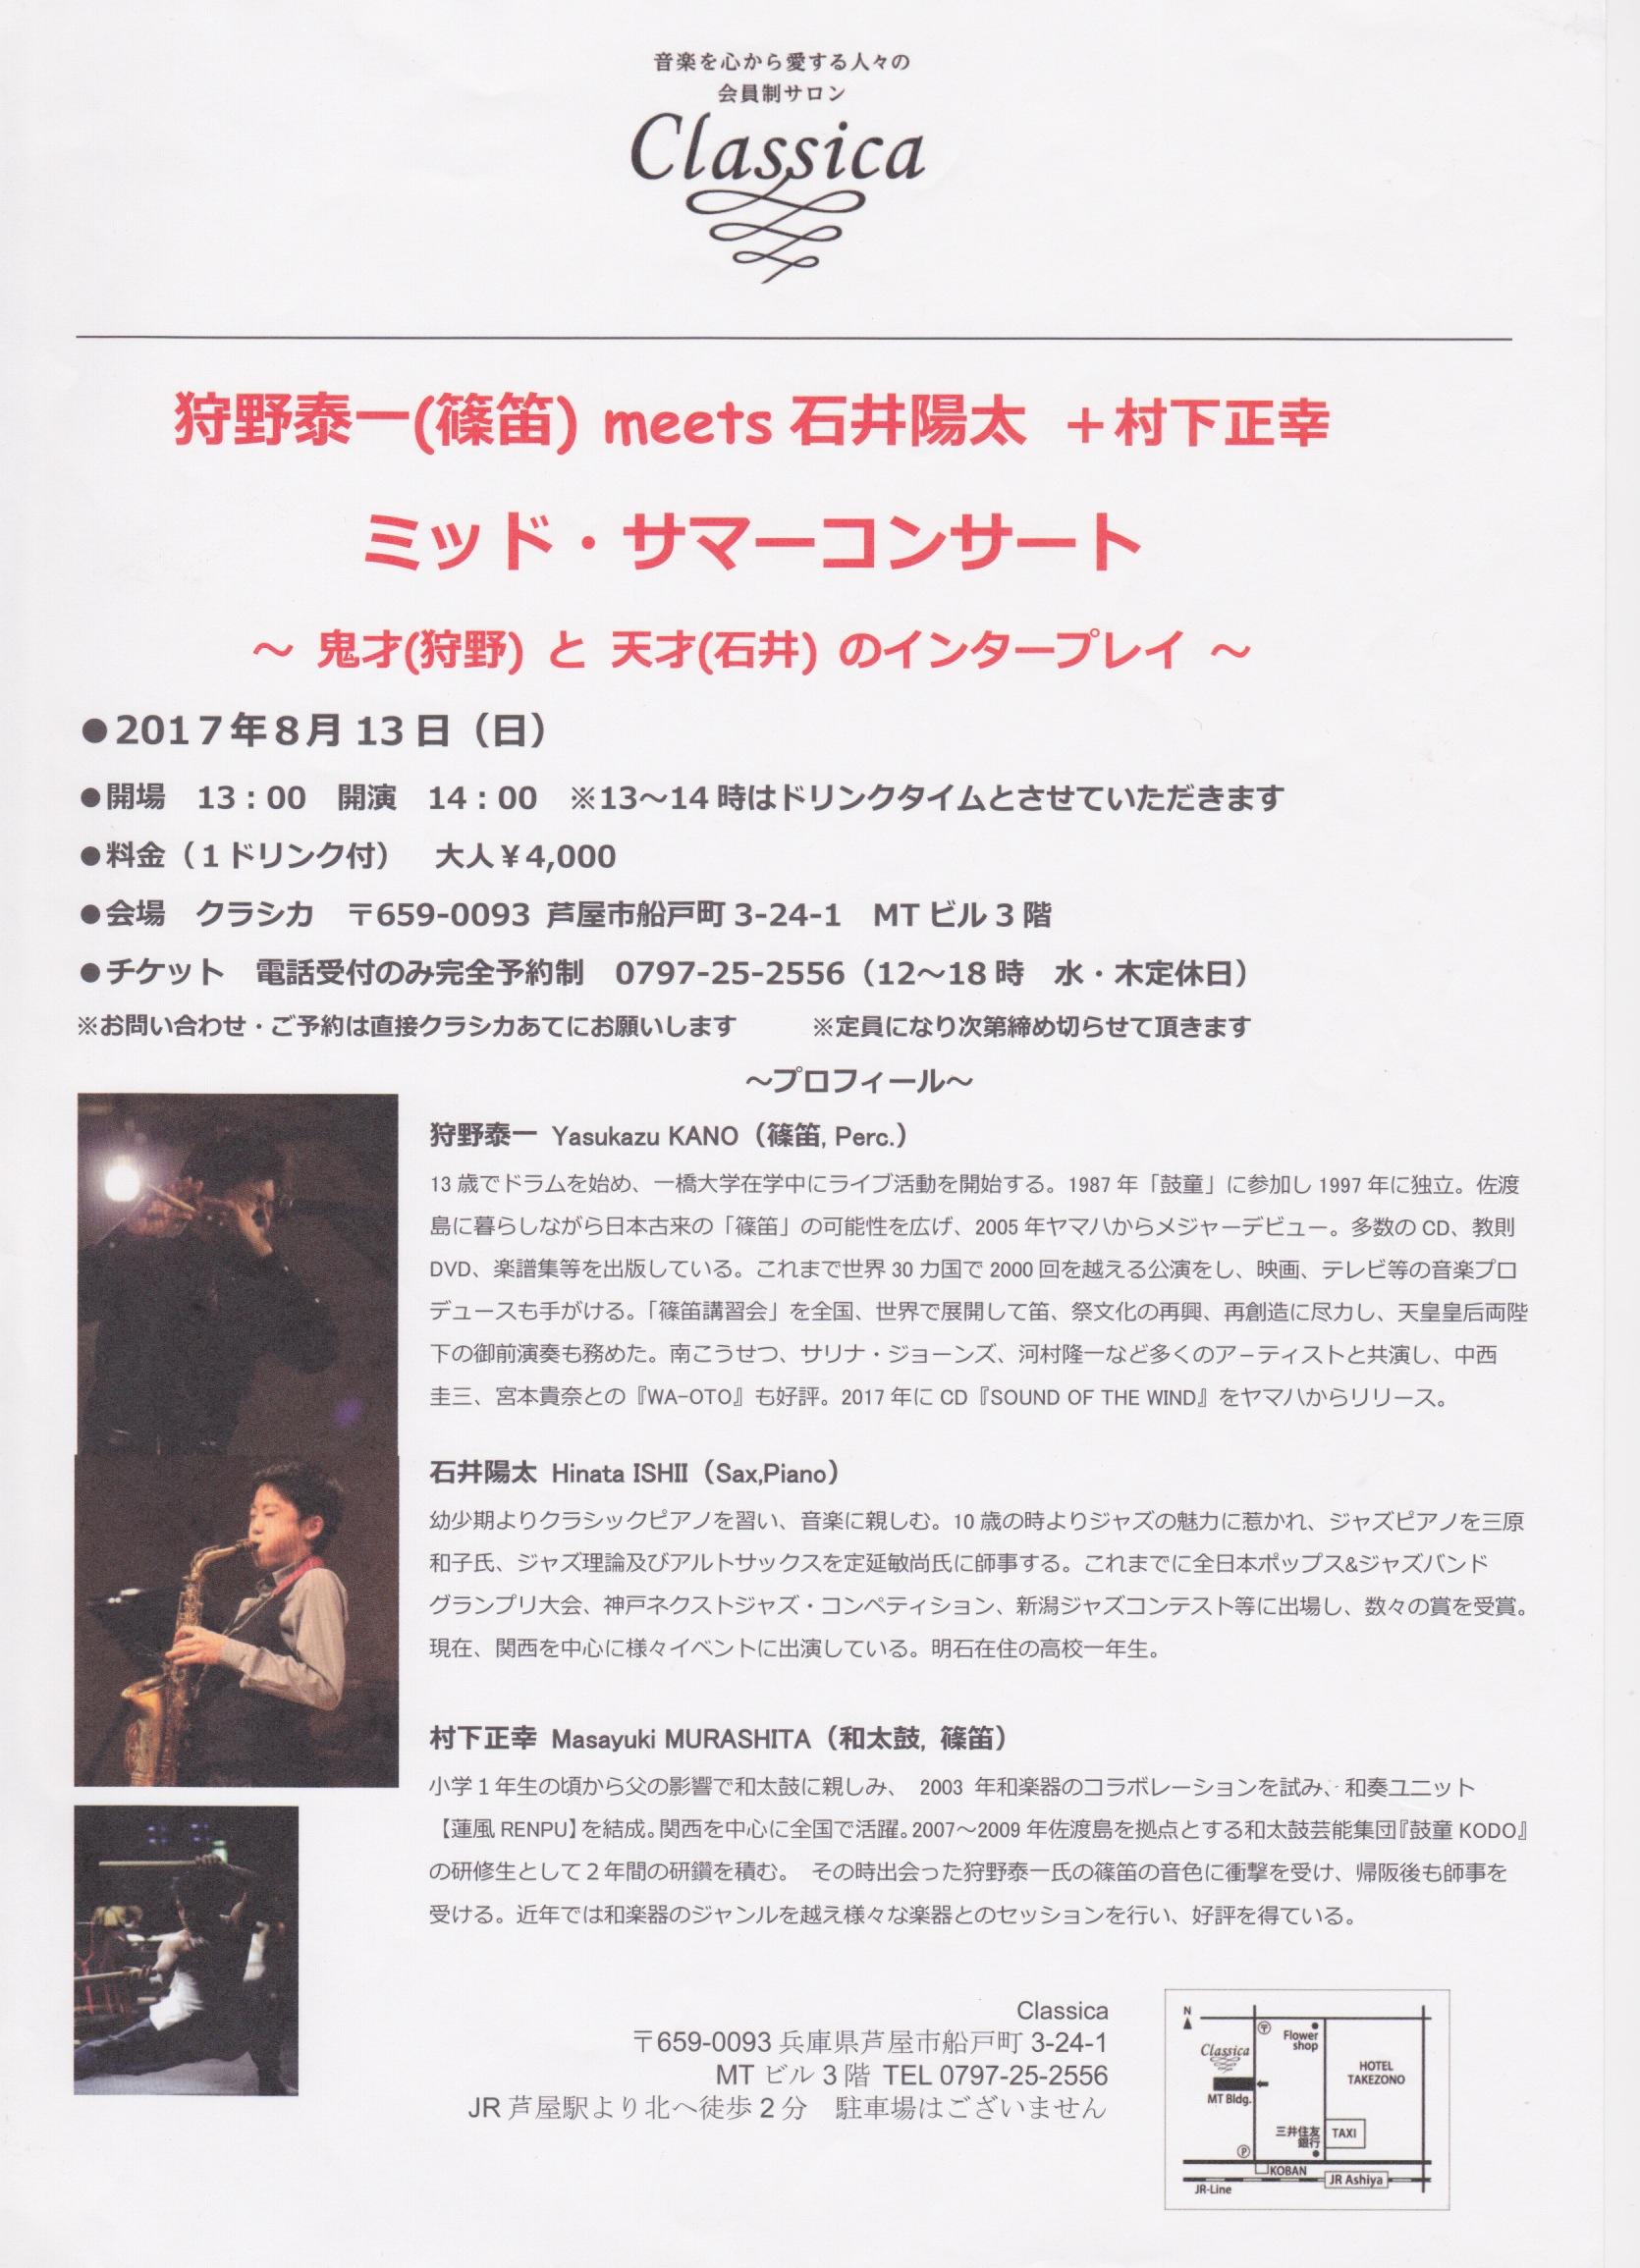 『狩野泰一 meets 石井陽太  + 村下正幸』ミッド・サマーコンサート